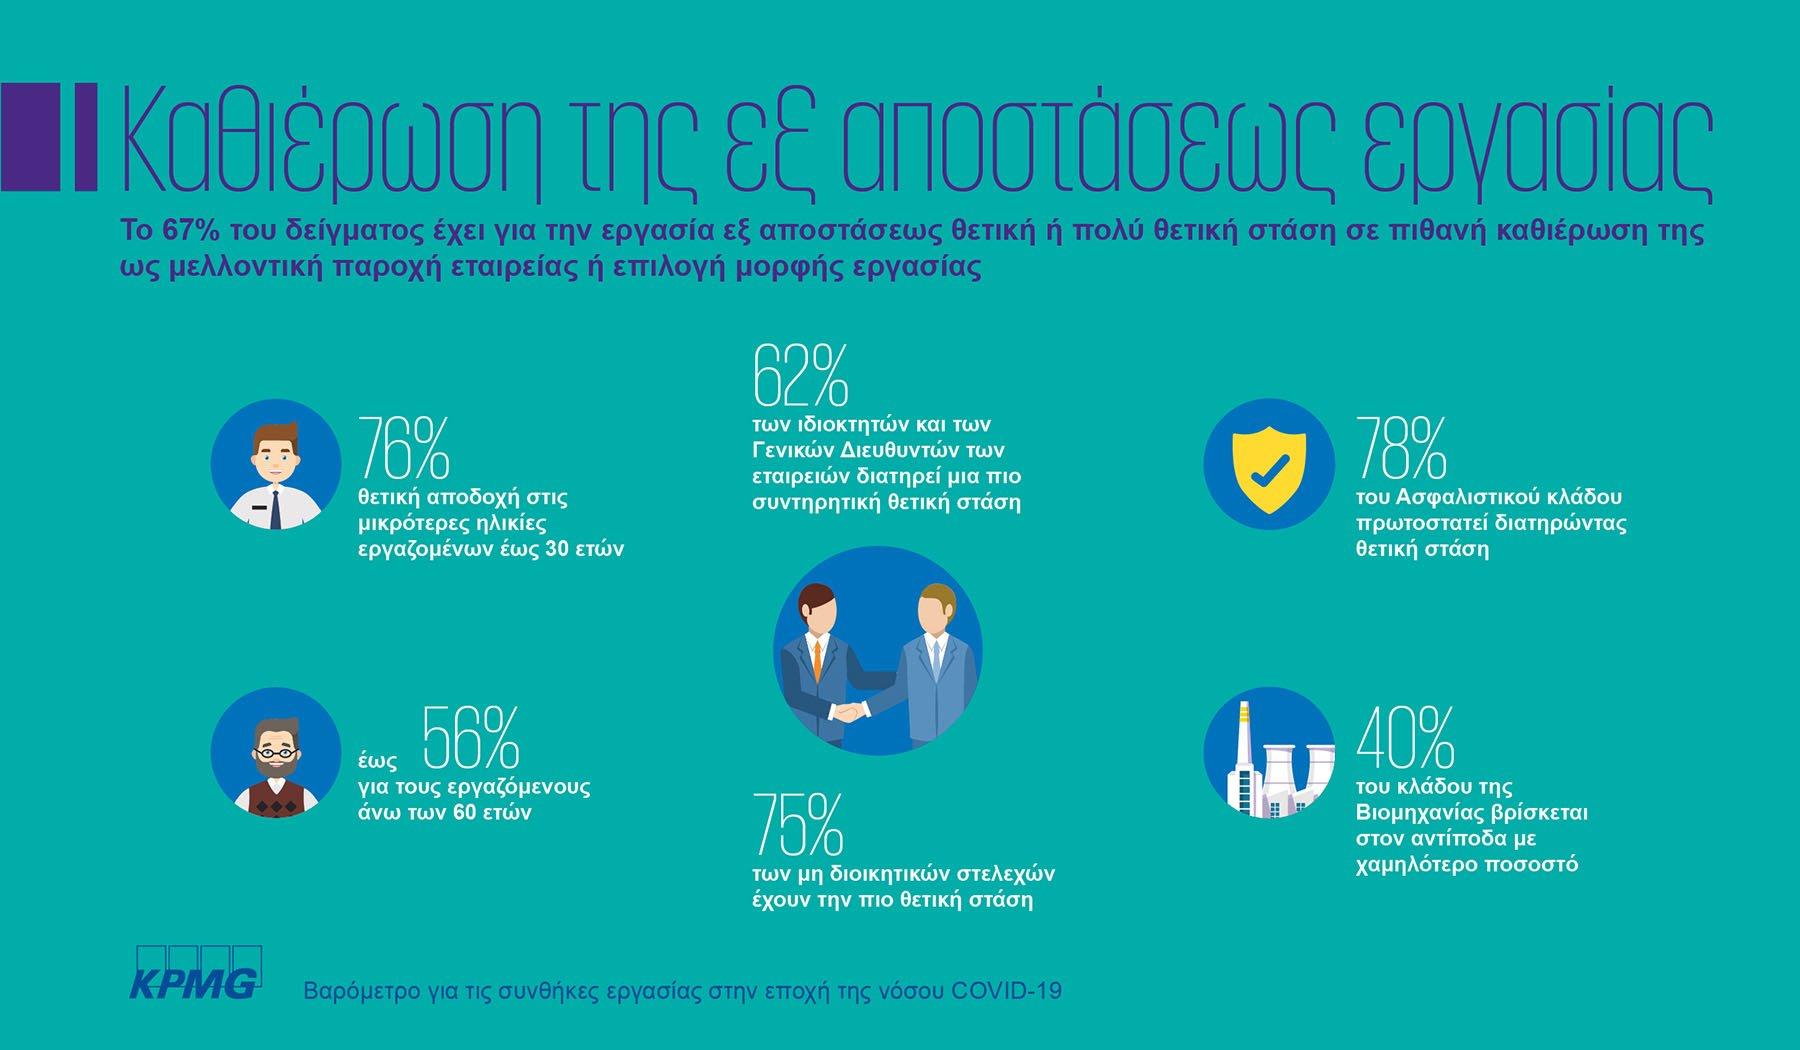 Εναρμονισμένοι με τον ψηφιακό μετασχηματισμό και την εξ αποστάσεως εργασία οι Έλληνες εργαζόμενοι 2